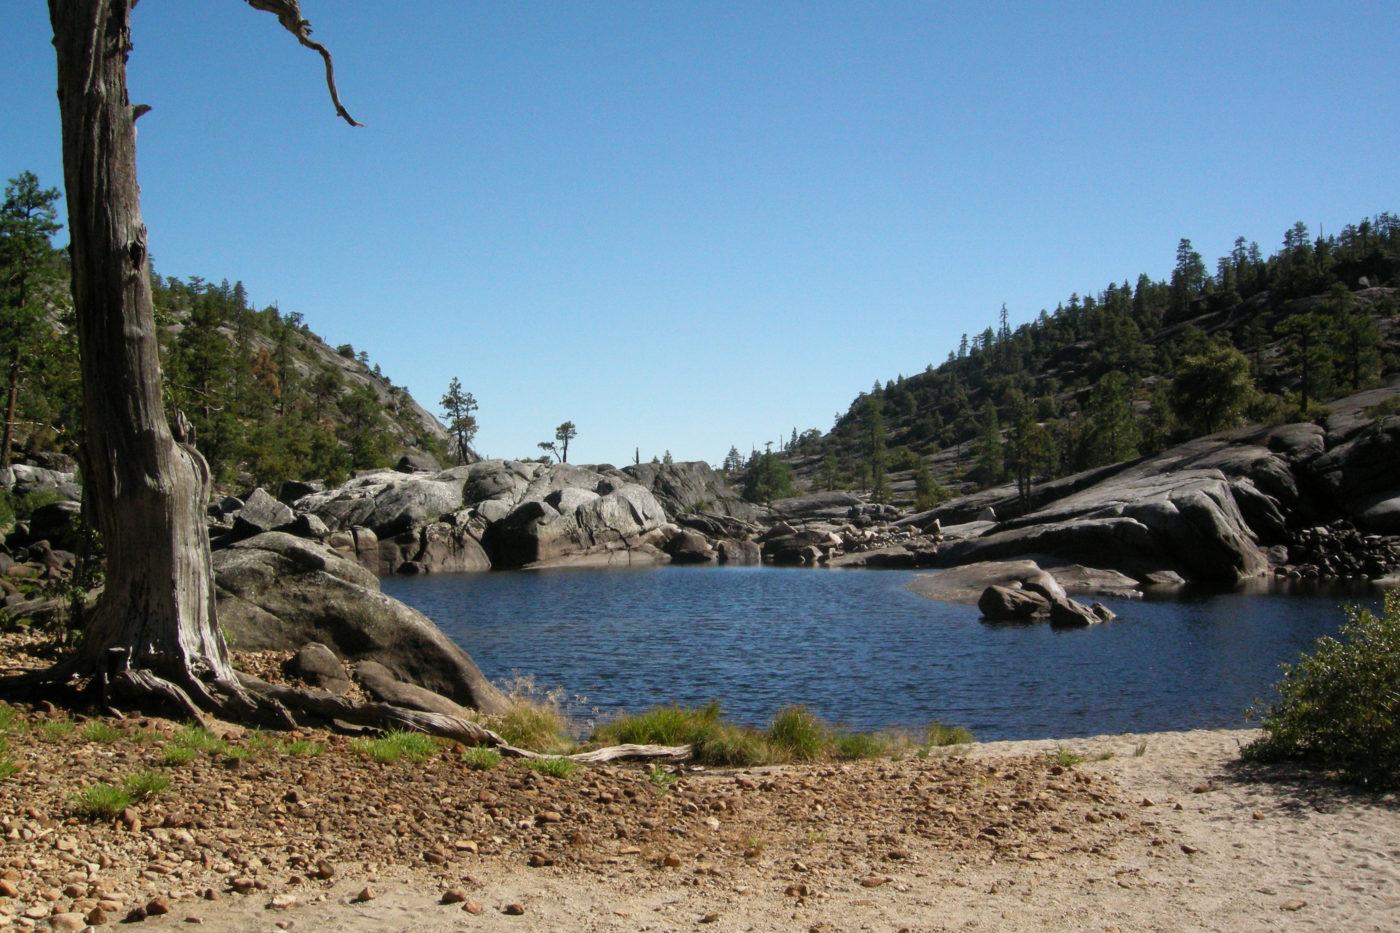 Lago Granito Trekking Yosemite California